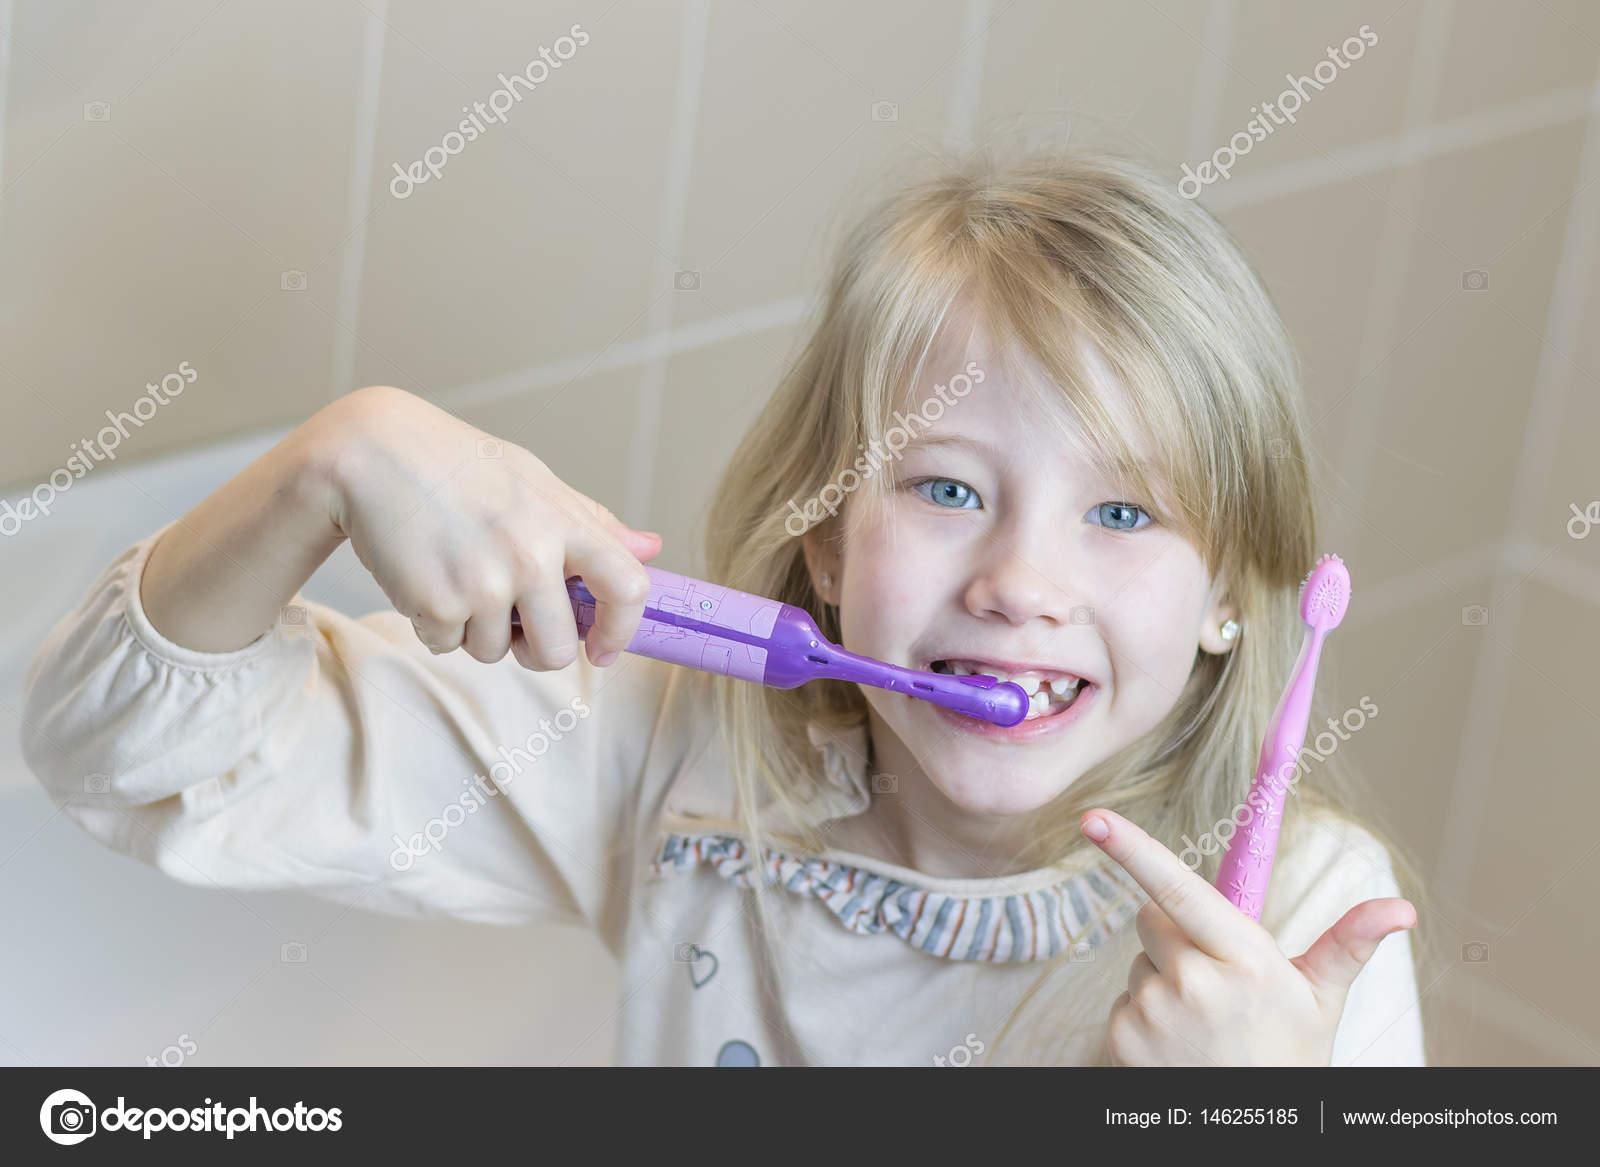 La chica cepilla los dientes con cepillos diferentes dos — Foto de Stock b66a7b24ad8d